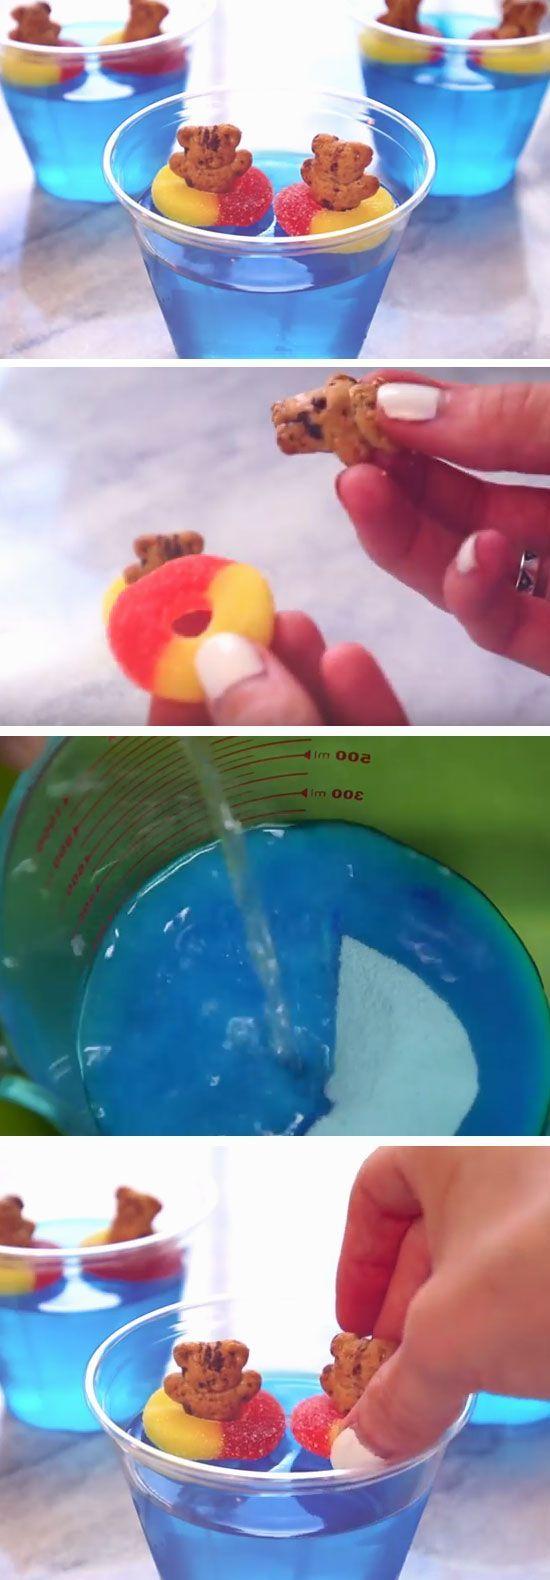 Teddies in The Pool | DIY Pool Party Ideas for Teens